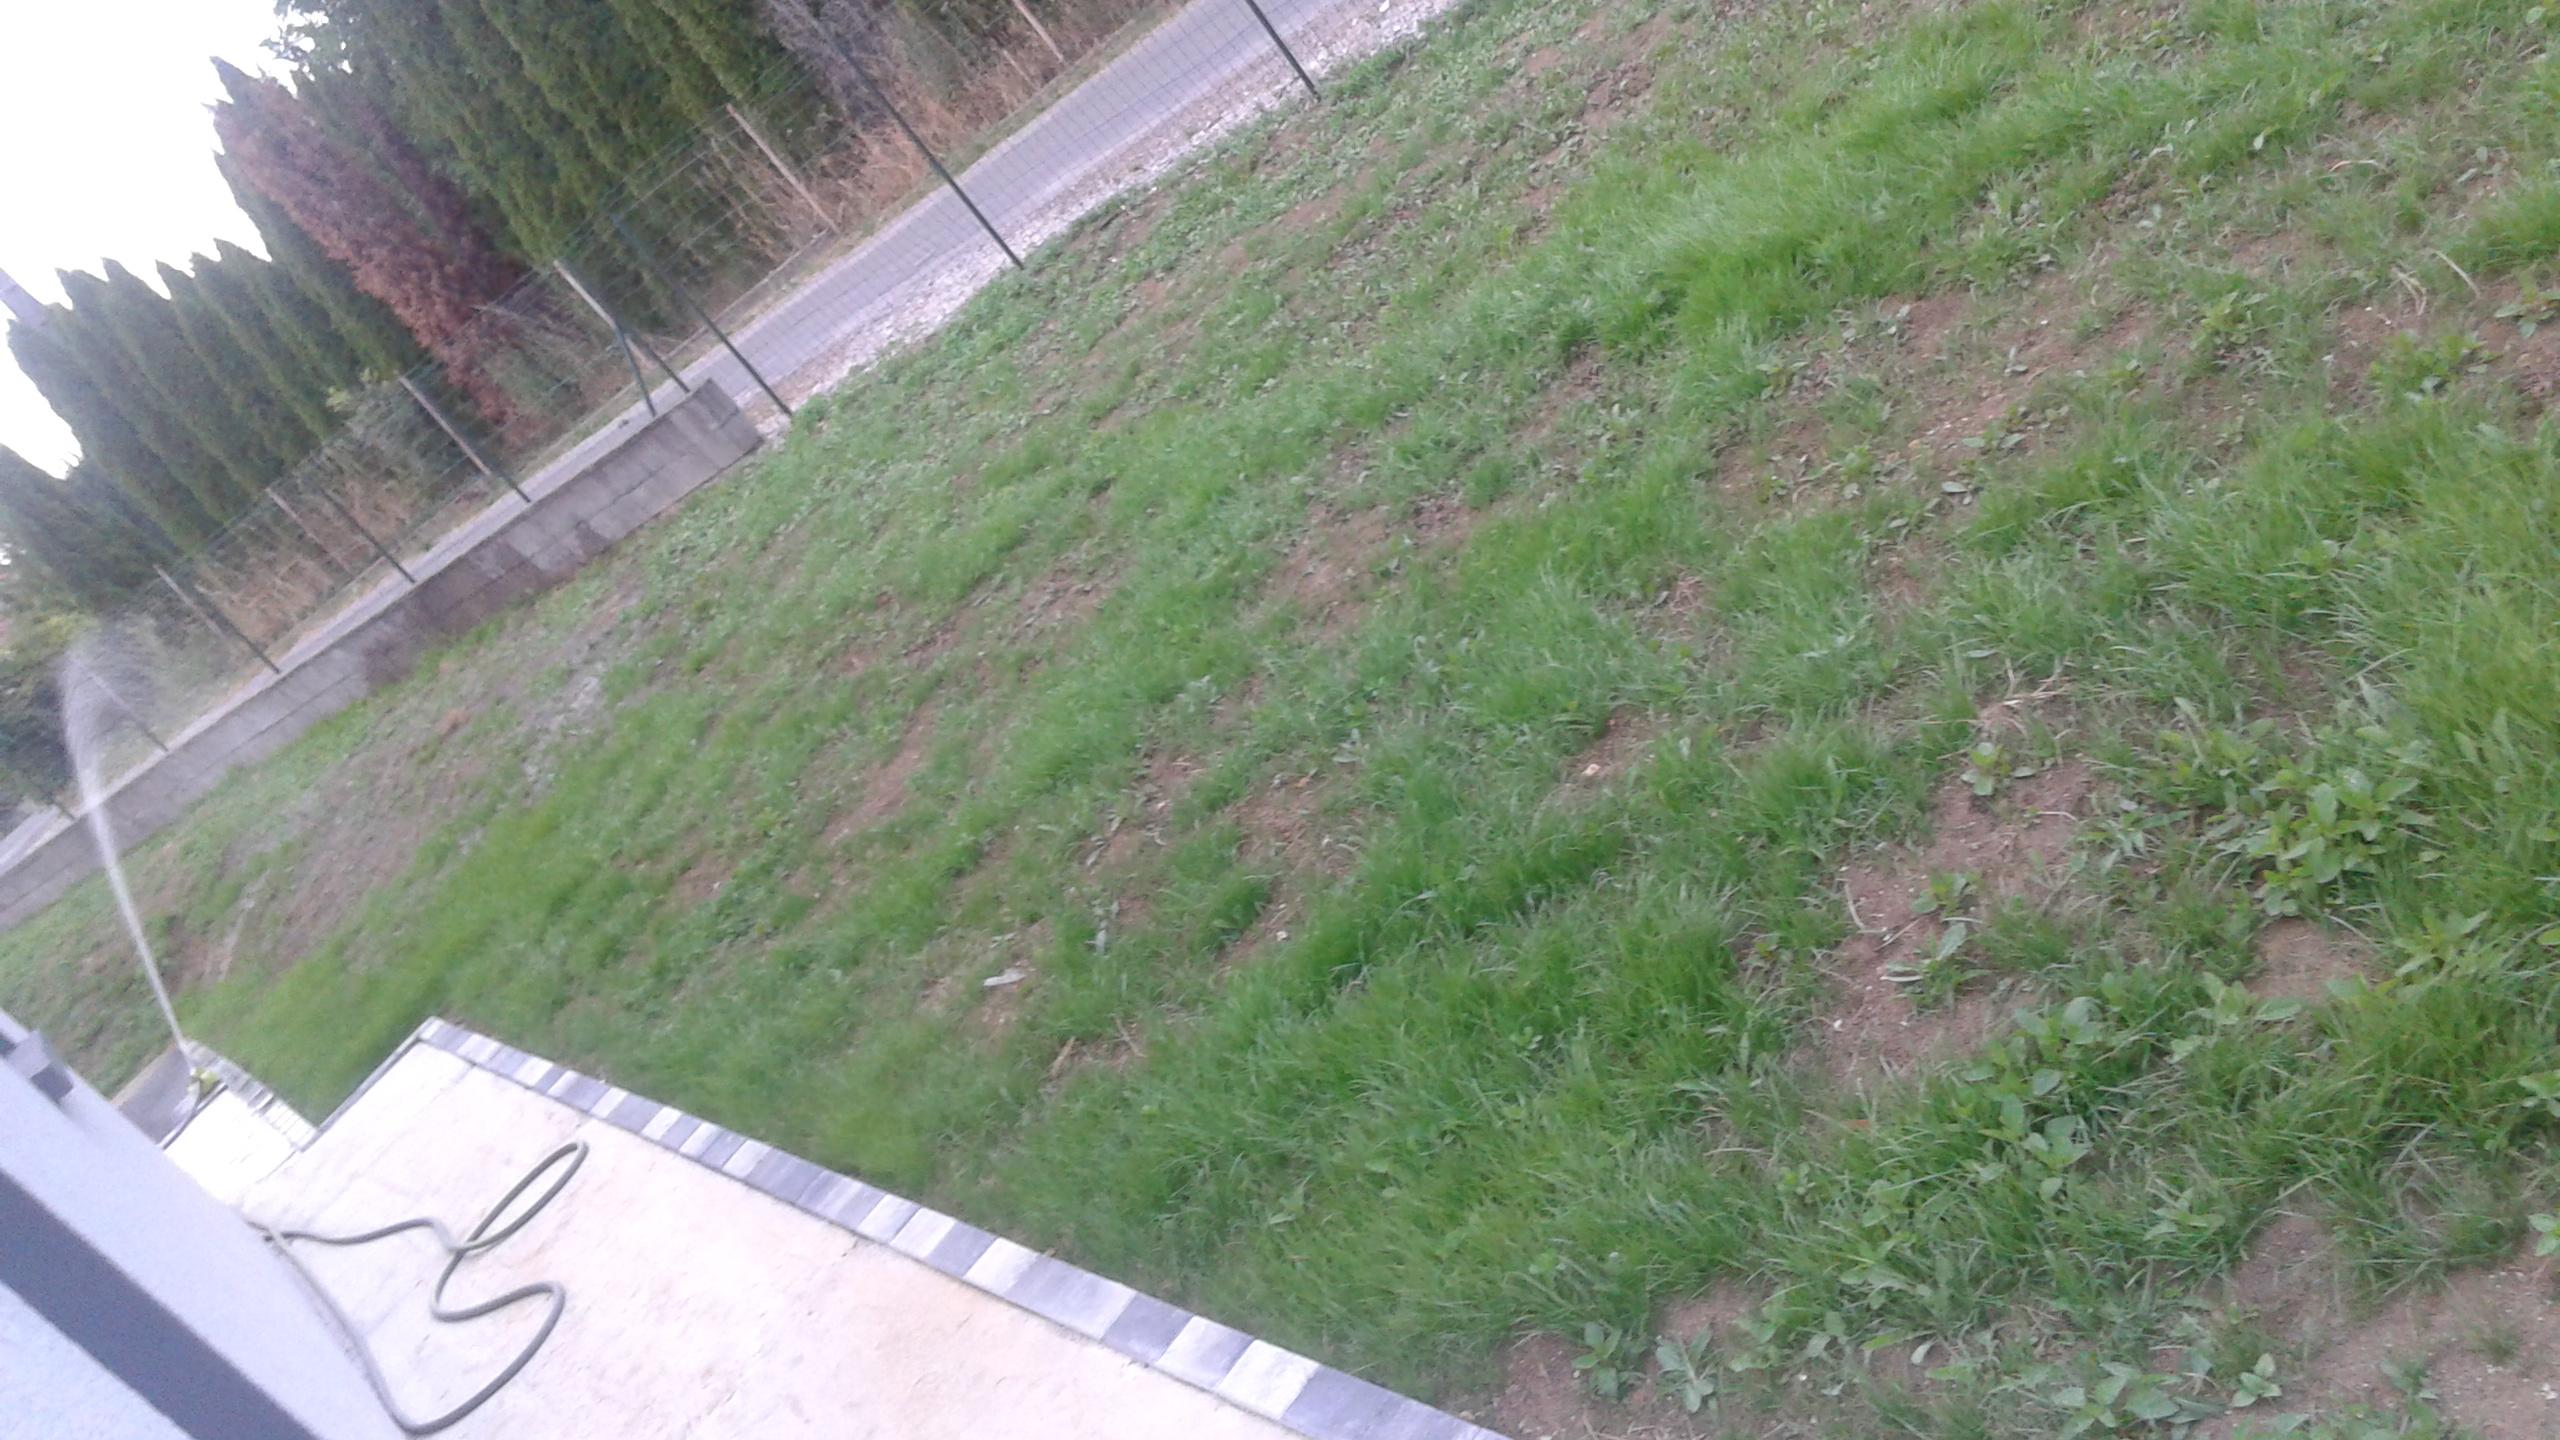 jeune gazon envahi par mauvaise herbe que faire 86 messages page 2. Black Bedroom Furniture Sets. Home Design Ideas